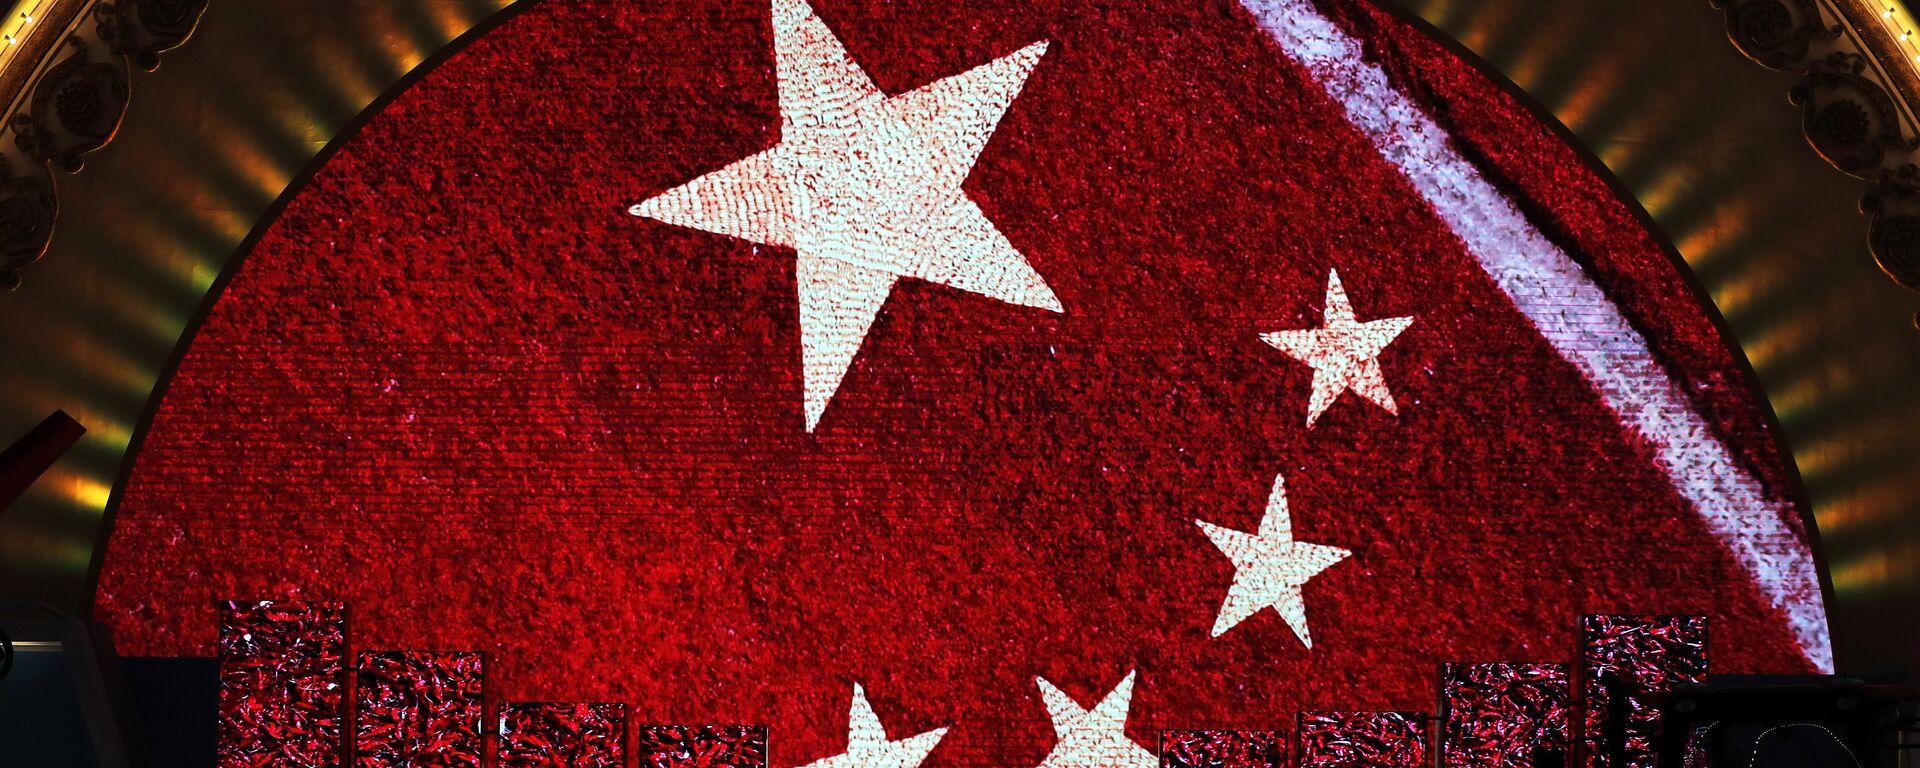 Una pantalla enseña la bandera de China para los visitantes de una exhibición (imagen referencial) - Sputnik Mundo, 1920, 24.04.2021